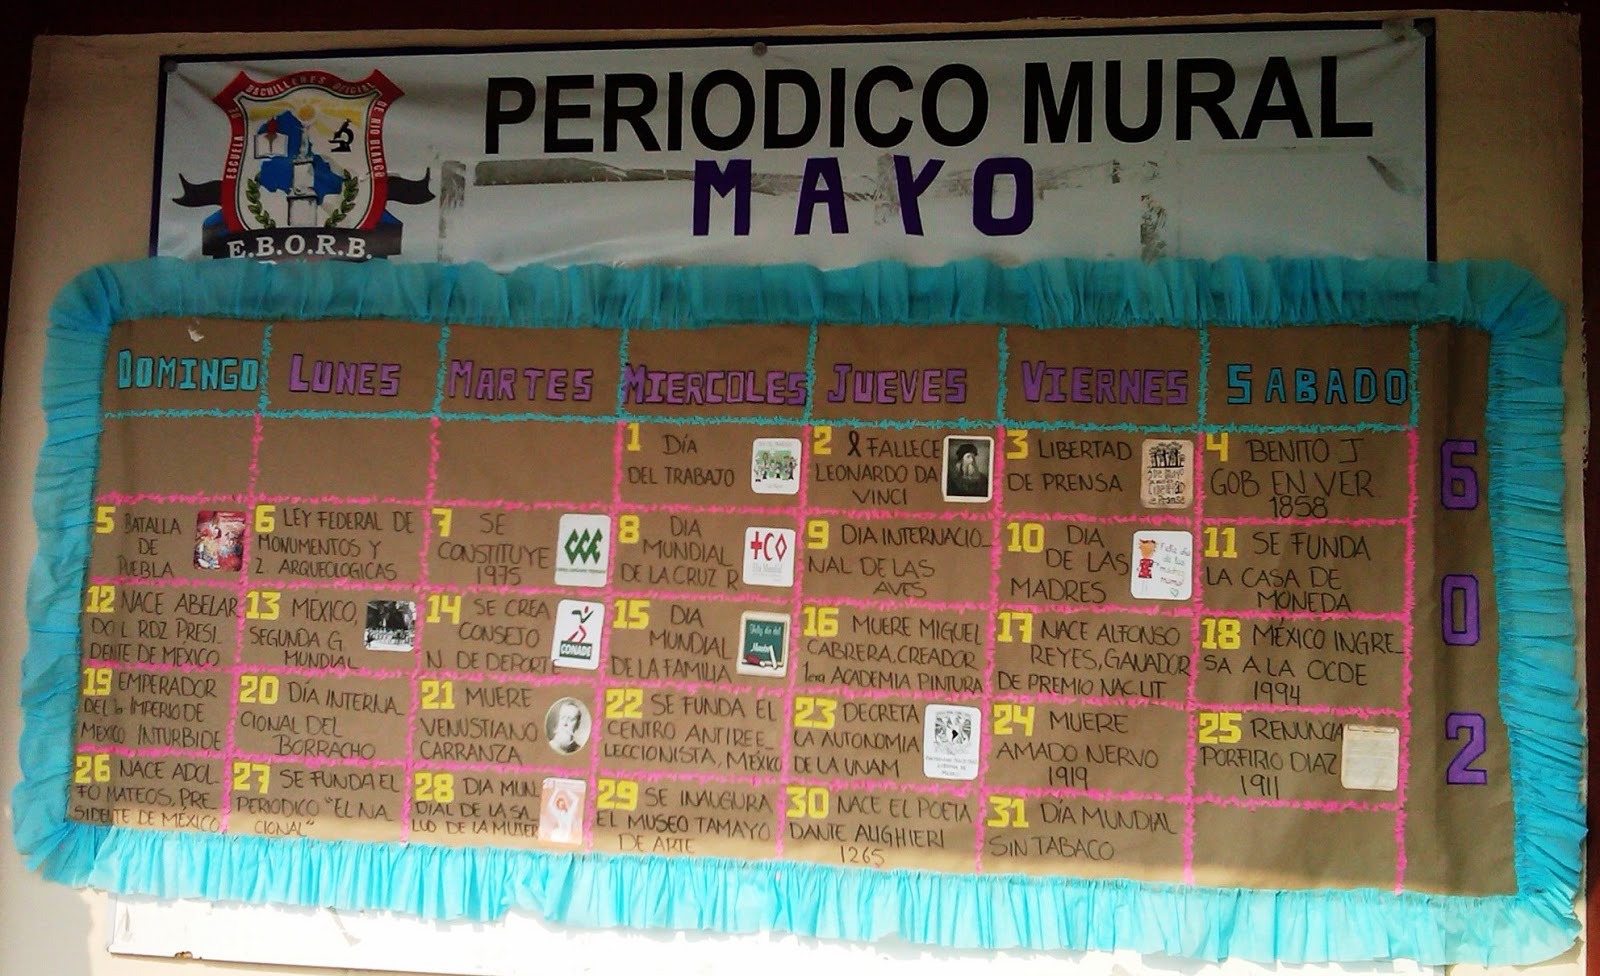 Peri dico mural mayo mes de las madres 23 imagenes for Concepto de periodico mural